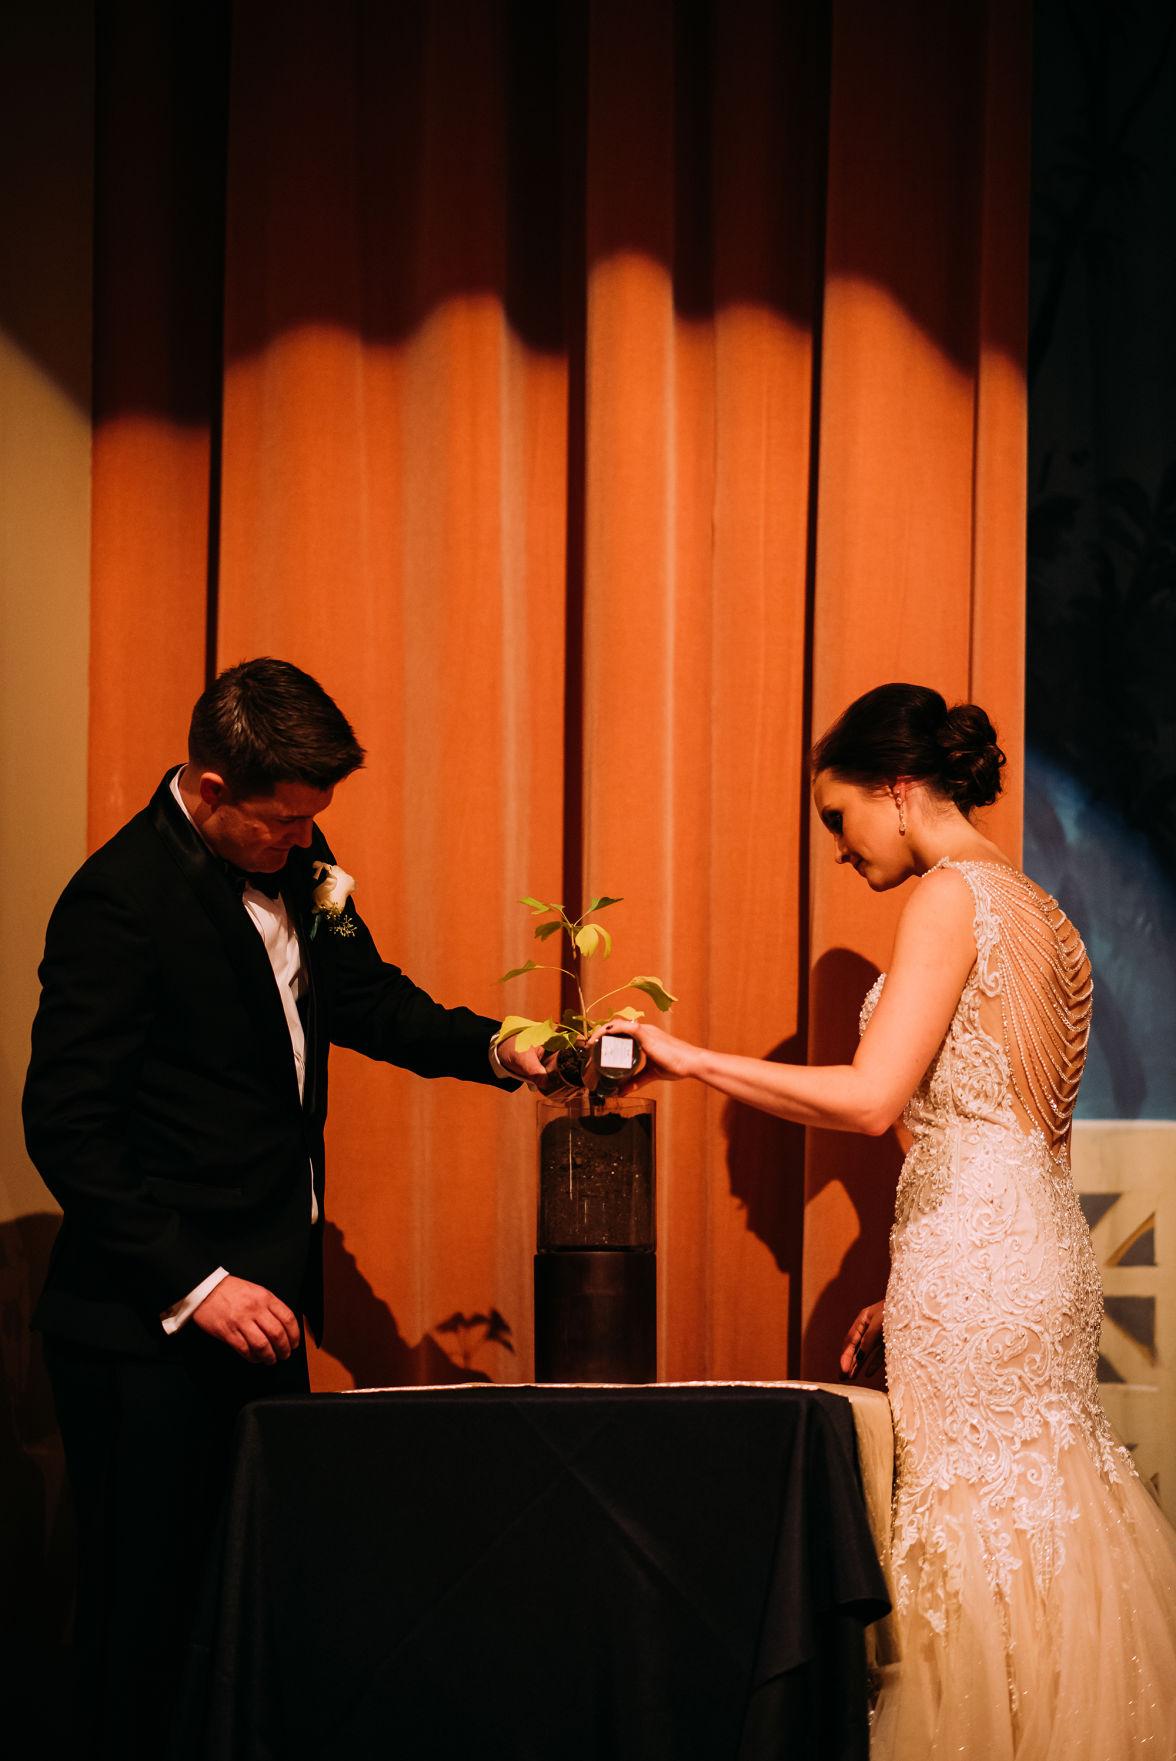 WeddingEssentialsOmaha_RealWedding_BrittanyElliott_GleasonPhotography_073.jpg